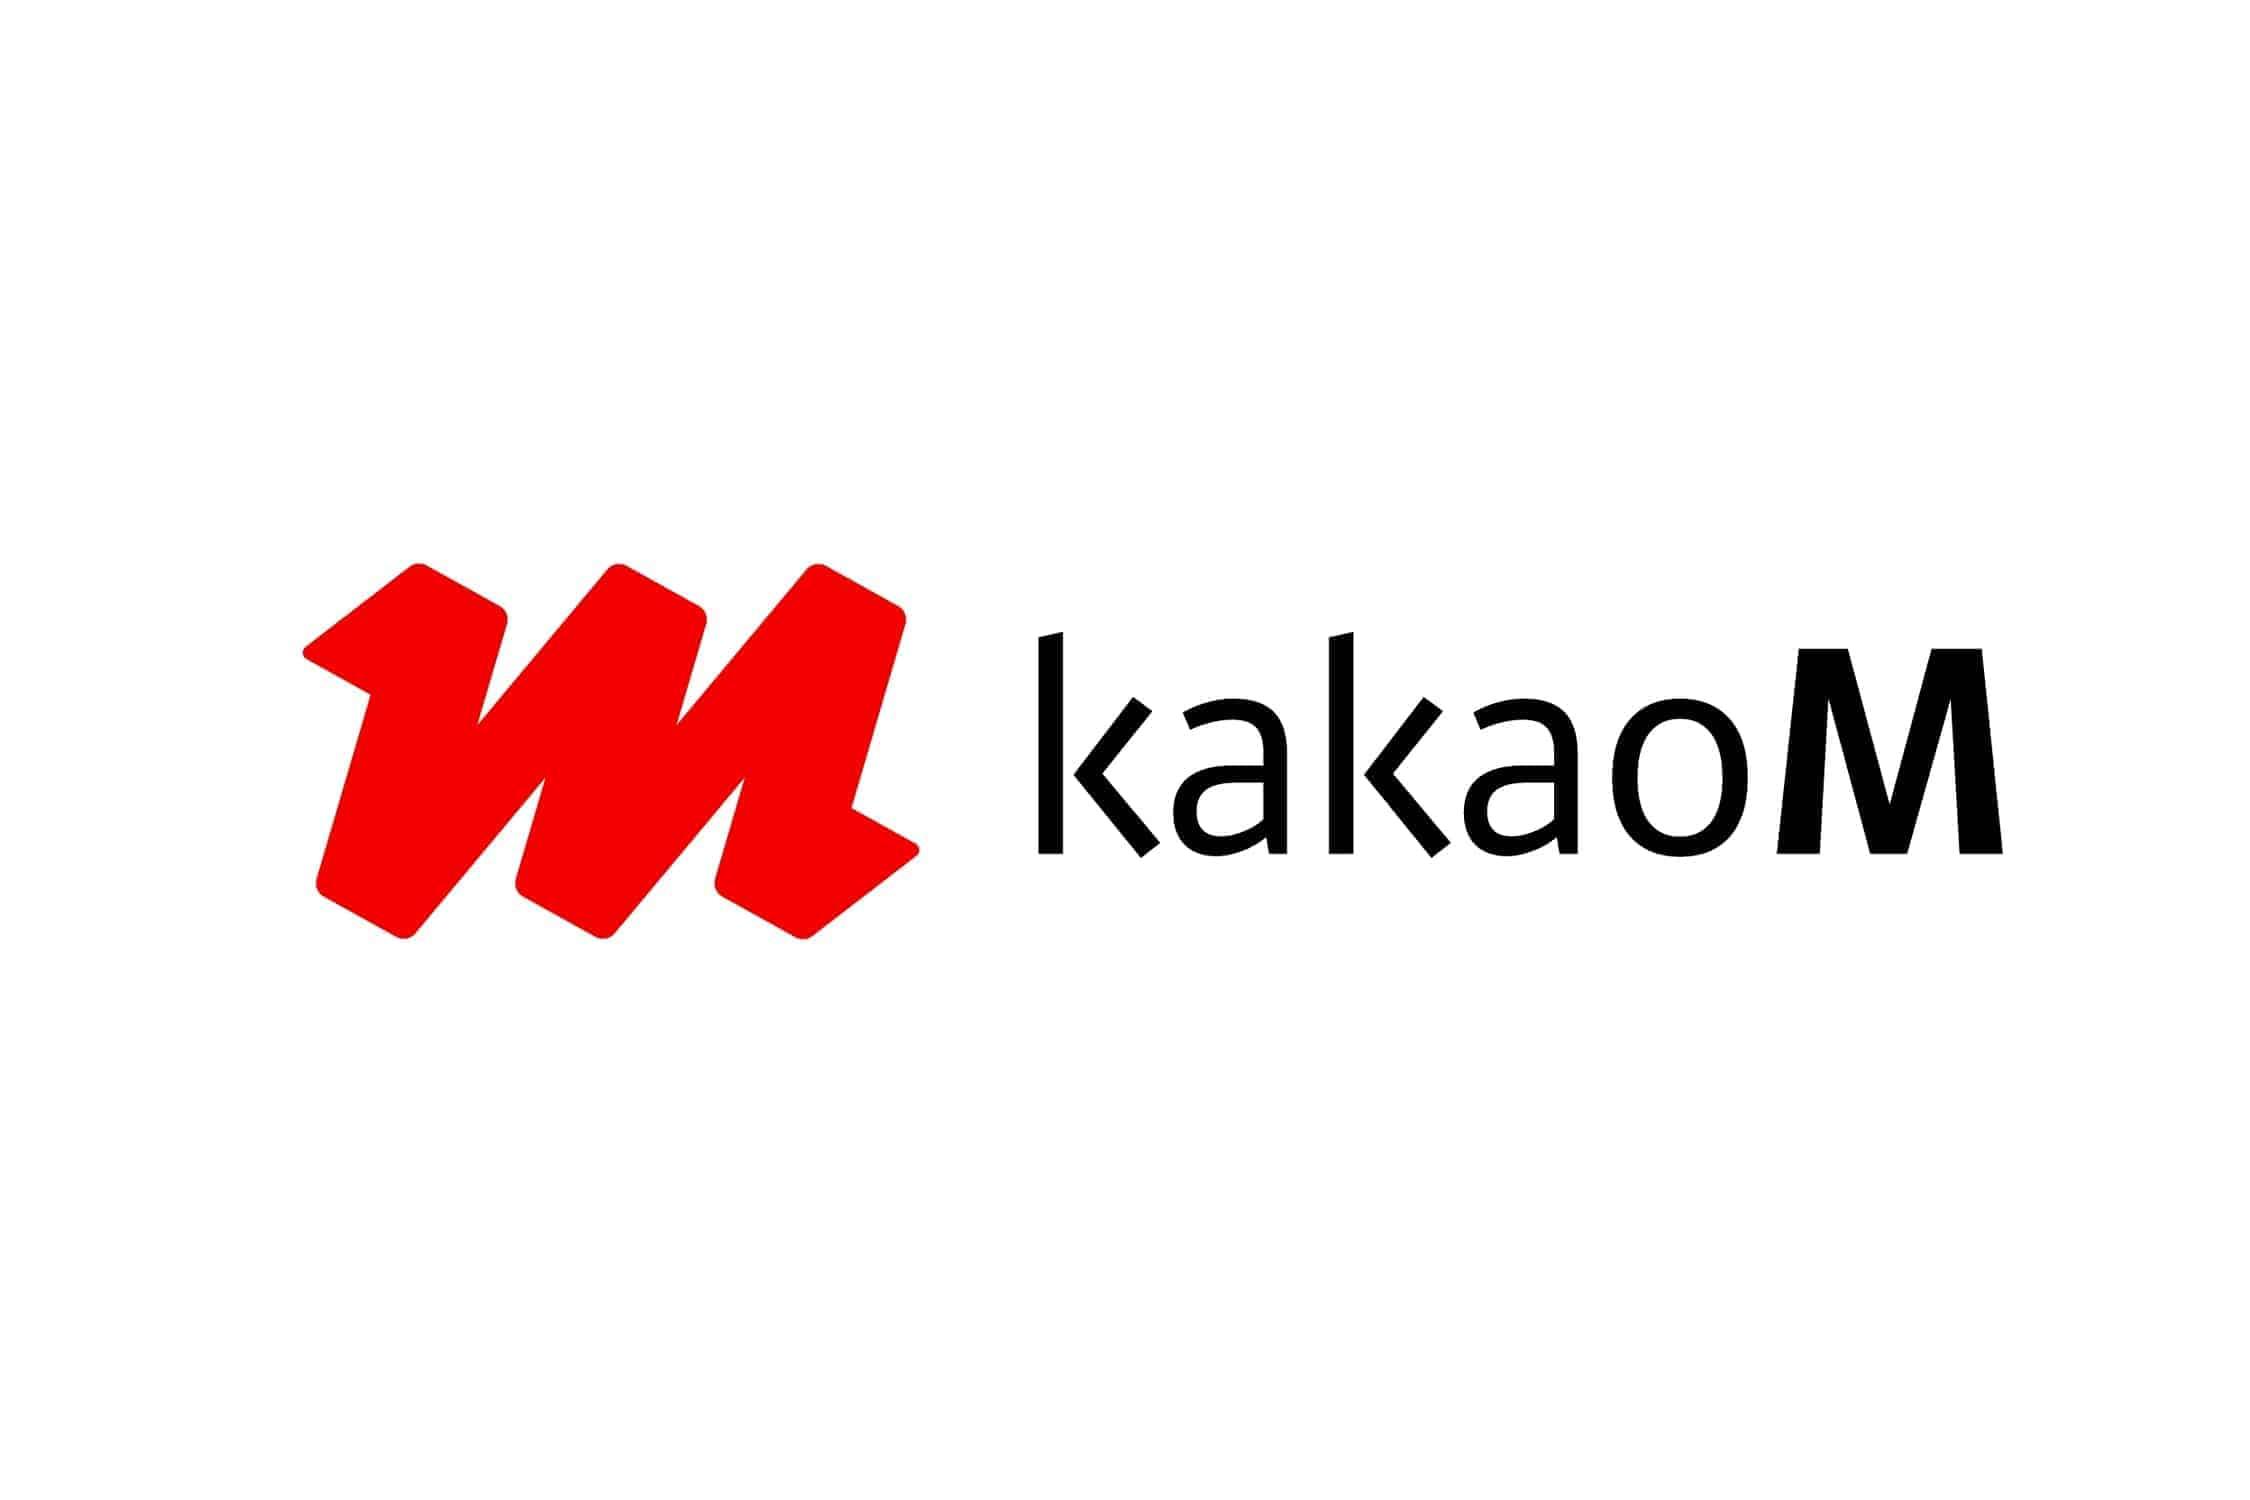 '콘텐츠 기업중 최대 규모'...카카오M, 2100억 규모 투자 유치